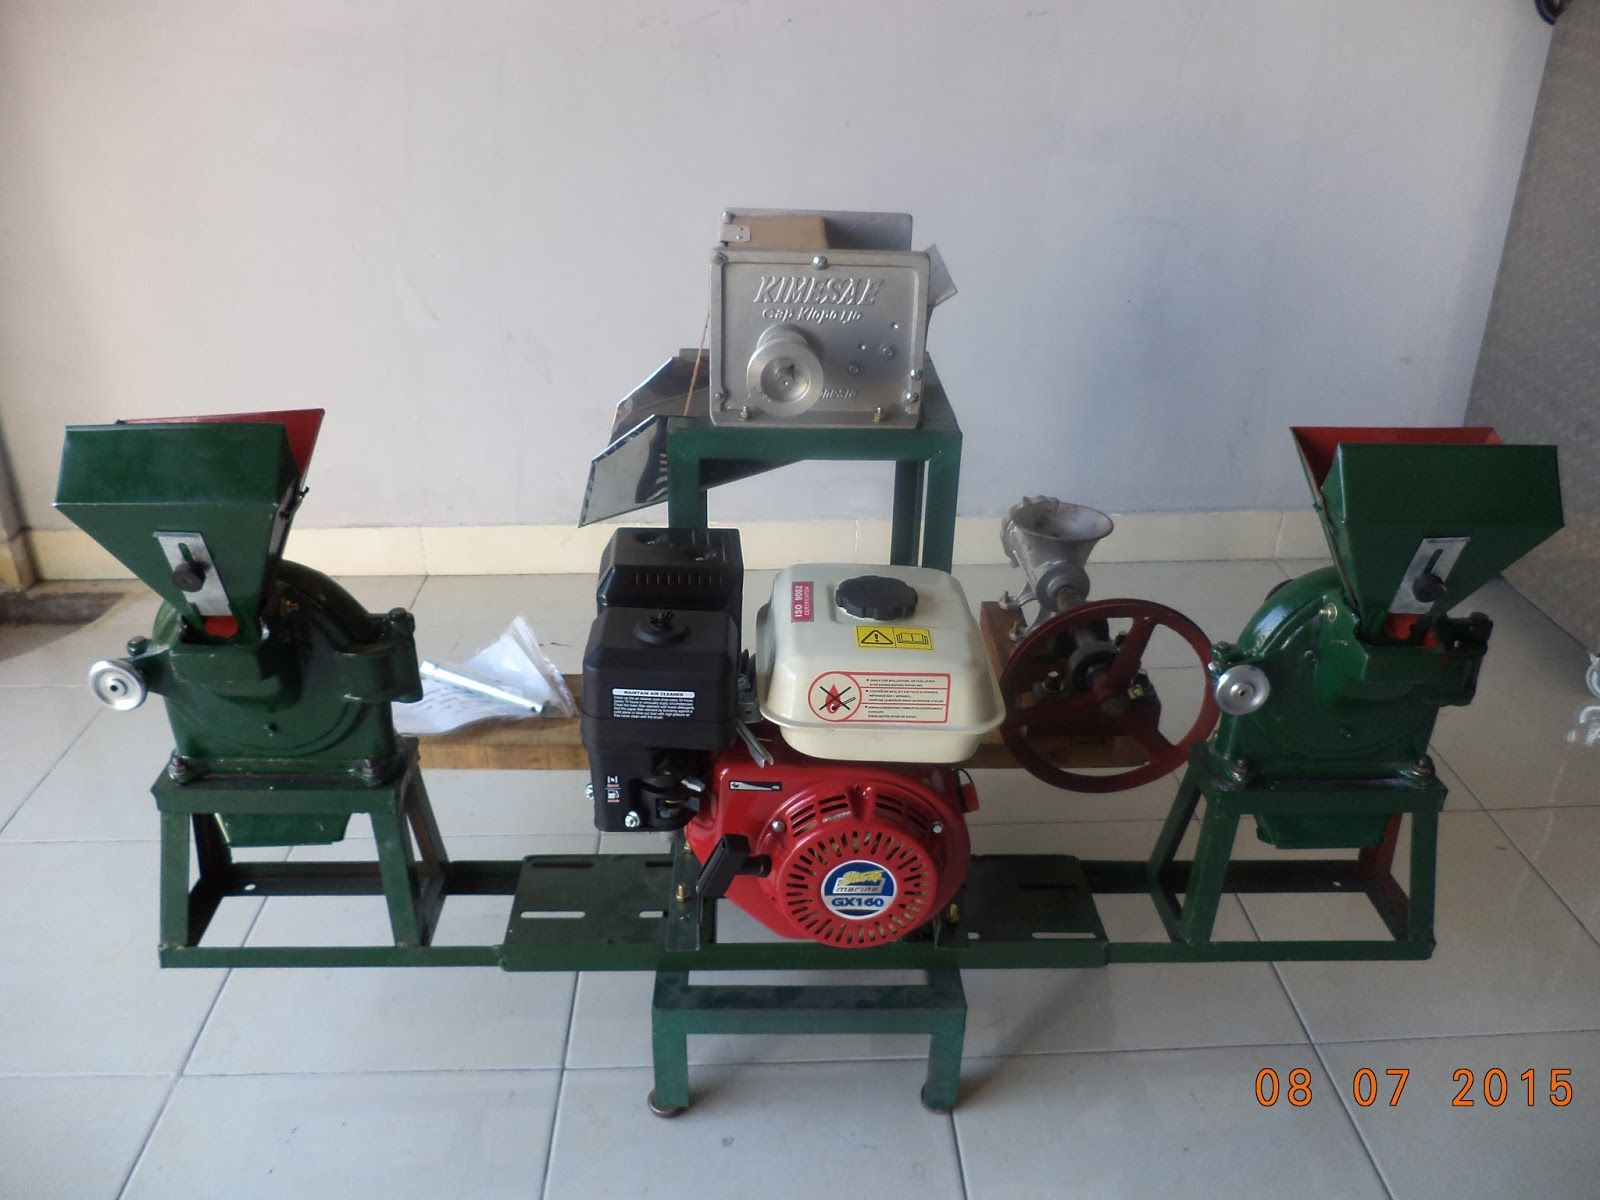 Mesin Penepung Serbaguna Adalah Yang Digunakan Untuk Menepung Mixer Adonan Baglog Aneka Komoditi Seperti Bumbu